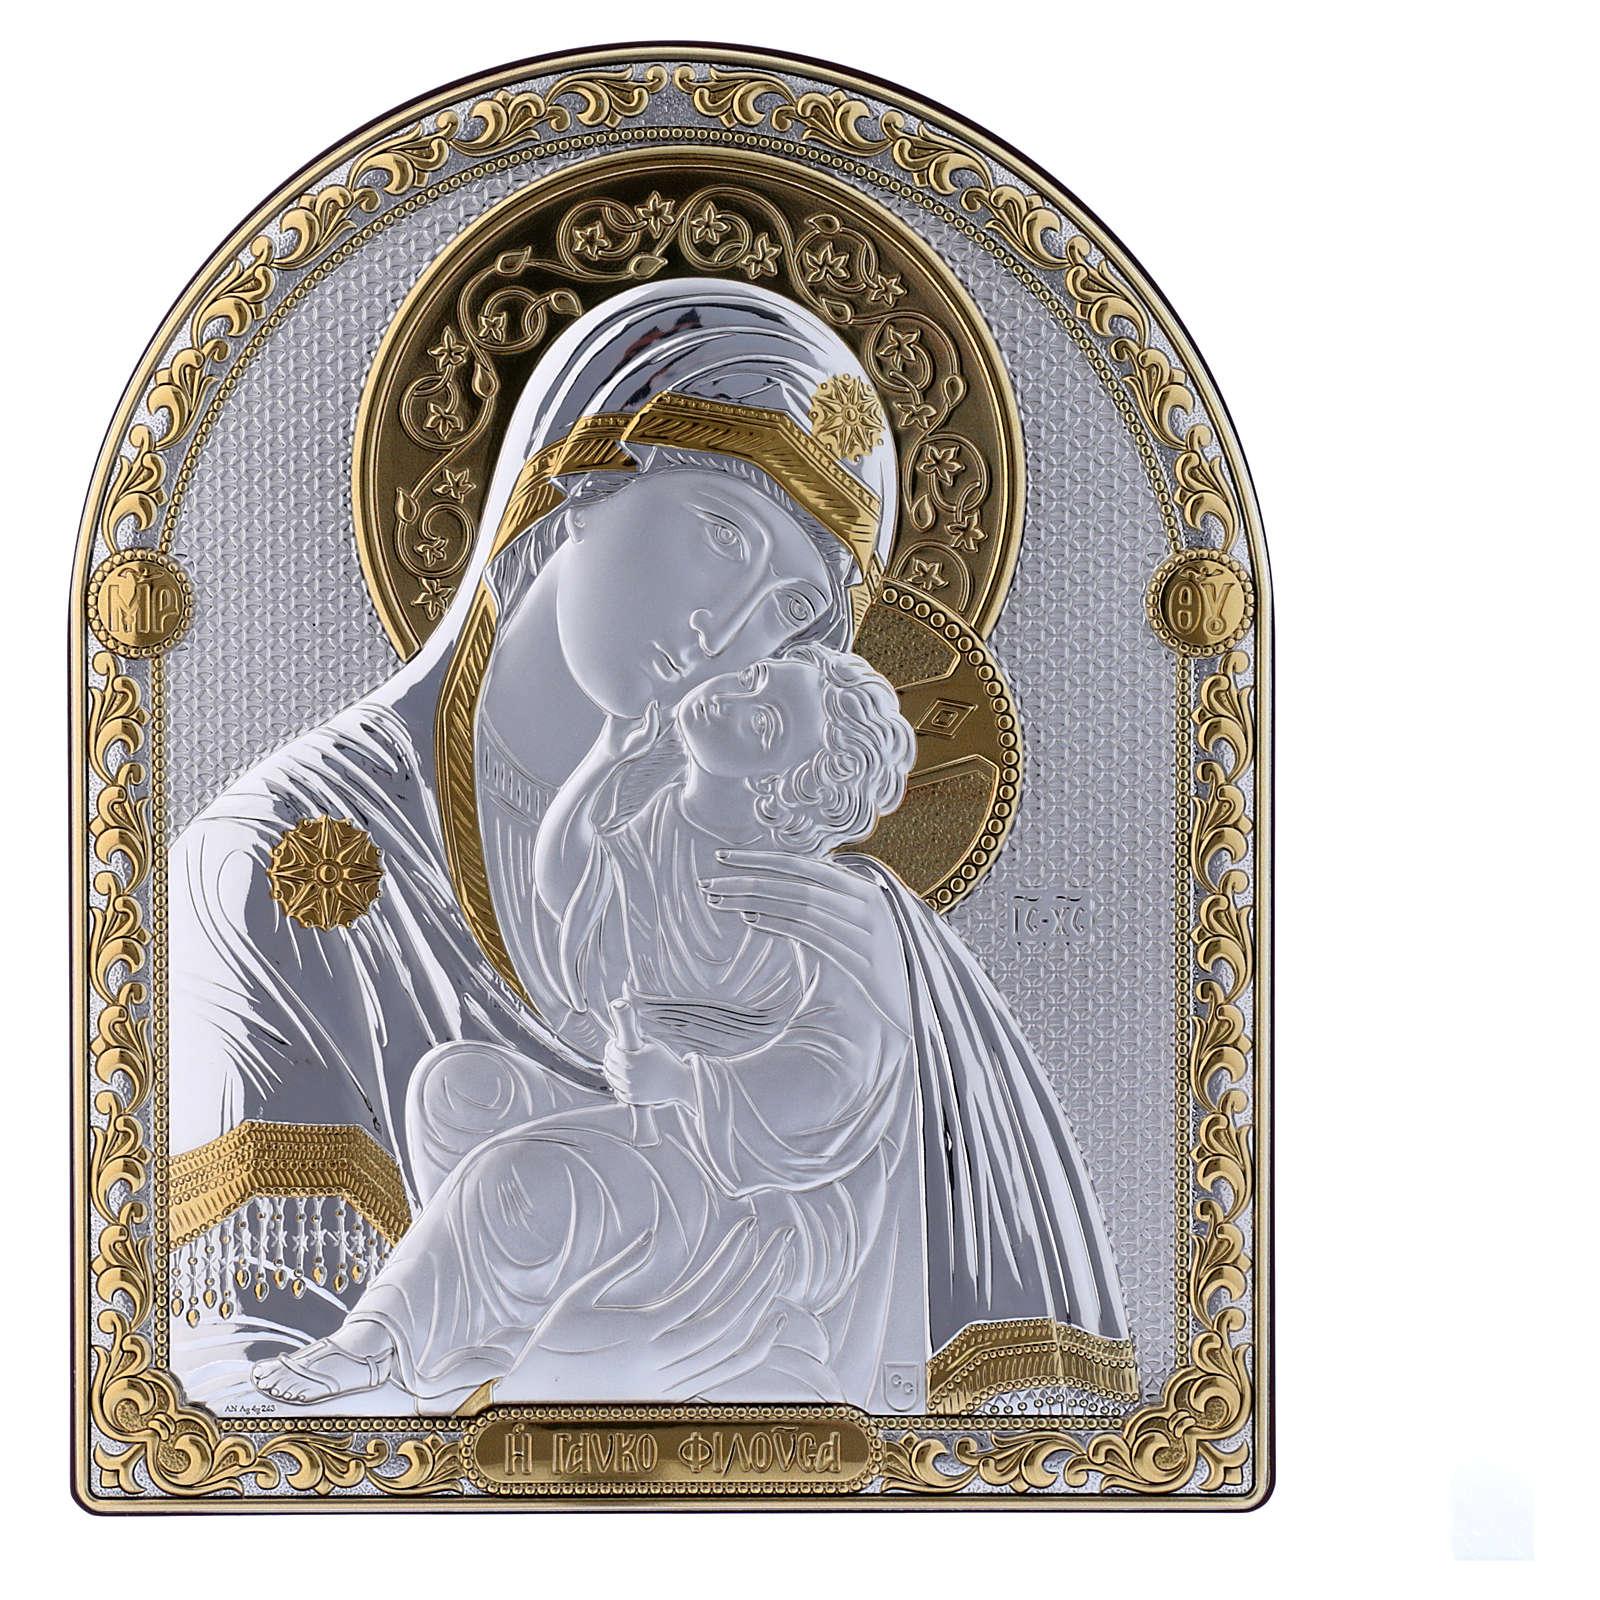 Obraz Madonna Włodziemierska bilaminat złote wyk. tył prestiżowe drewno 24,5x20 cm 4